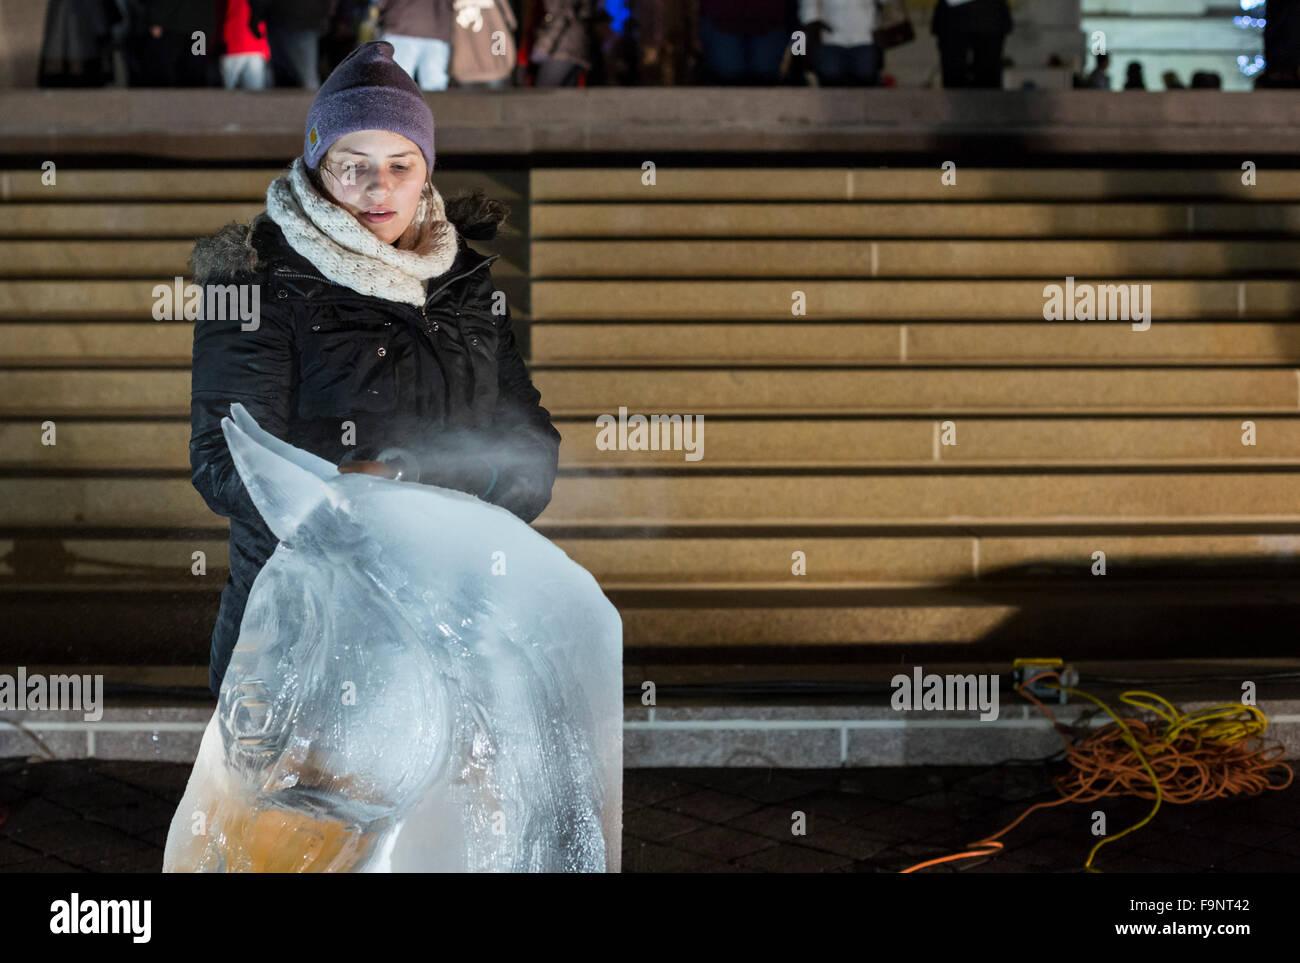 Detroit, Michigan - un artiste fait une sculpture de glace en face de l'Institut des arts de Detroit pendant Photo Stock